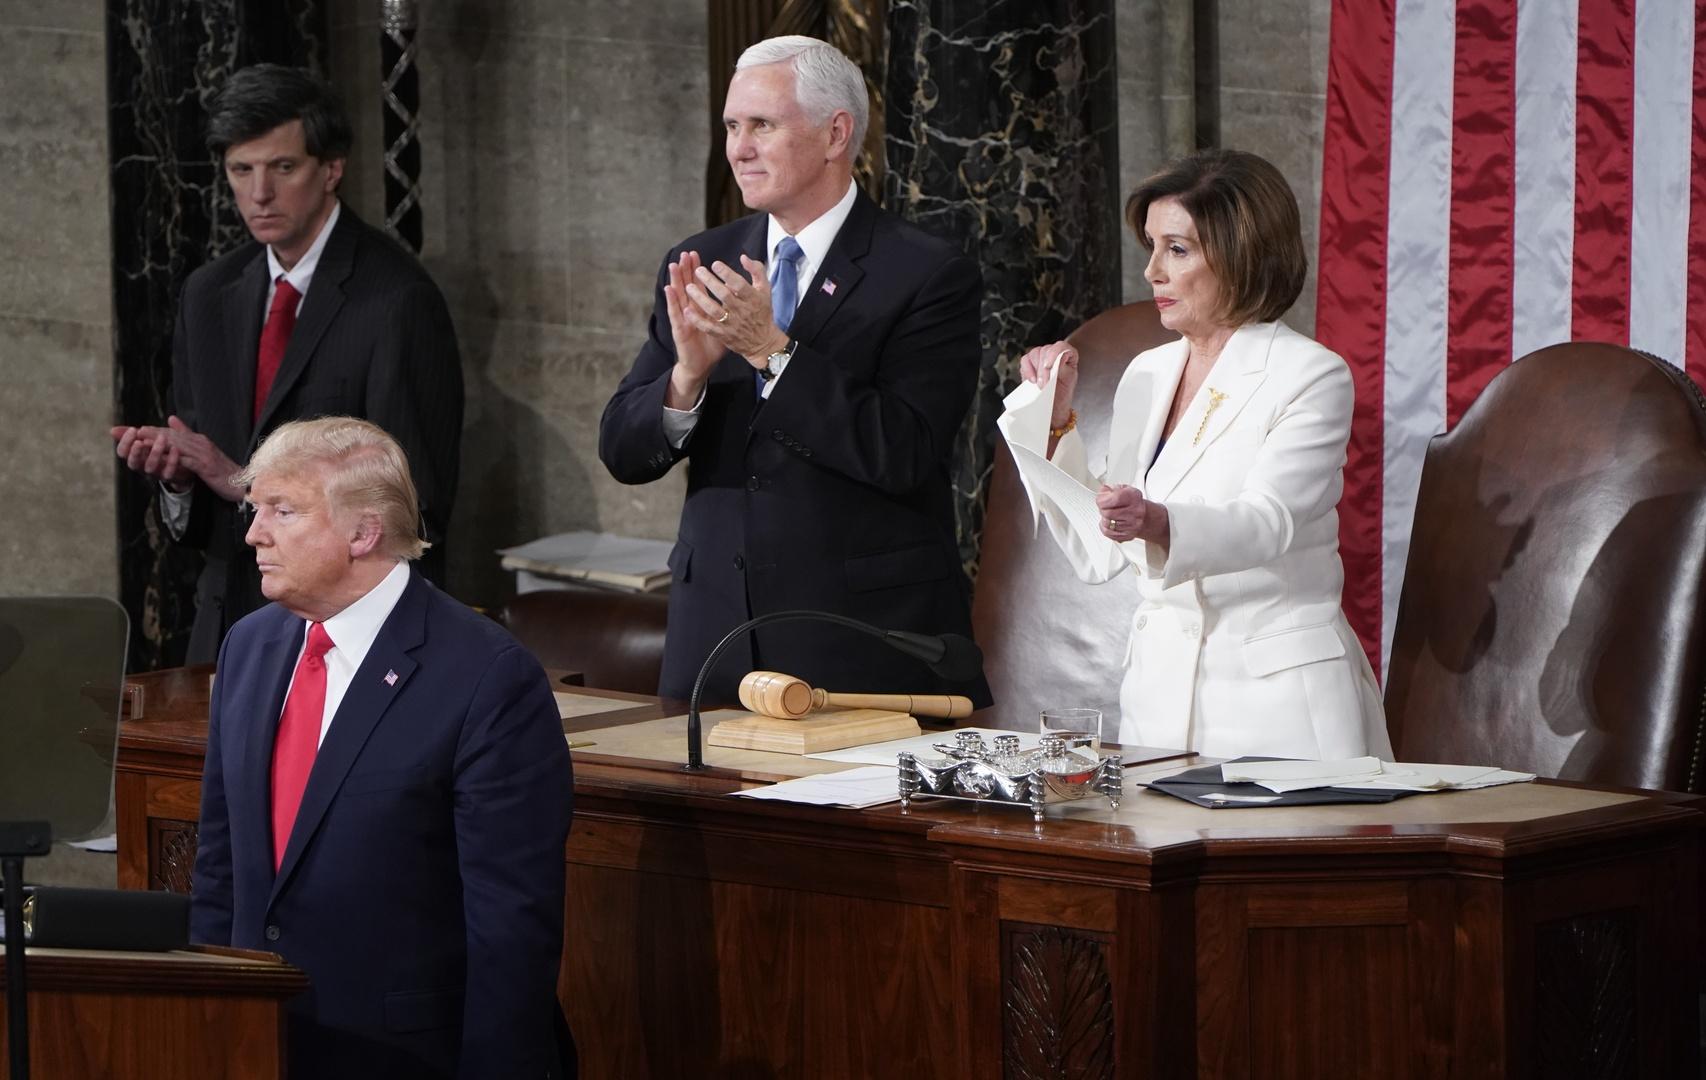 رئيسة مجلس النواب الأمريكي، نانسي بيلوسي تمزق نسخة لكلمة رئيس البلاد، دونالد ترامب، في الكونغرس، يوم 5 فبراير.